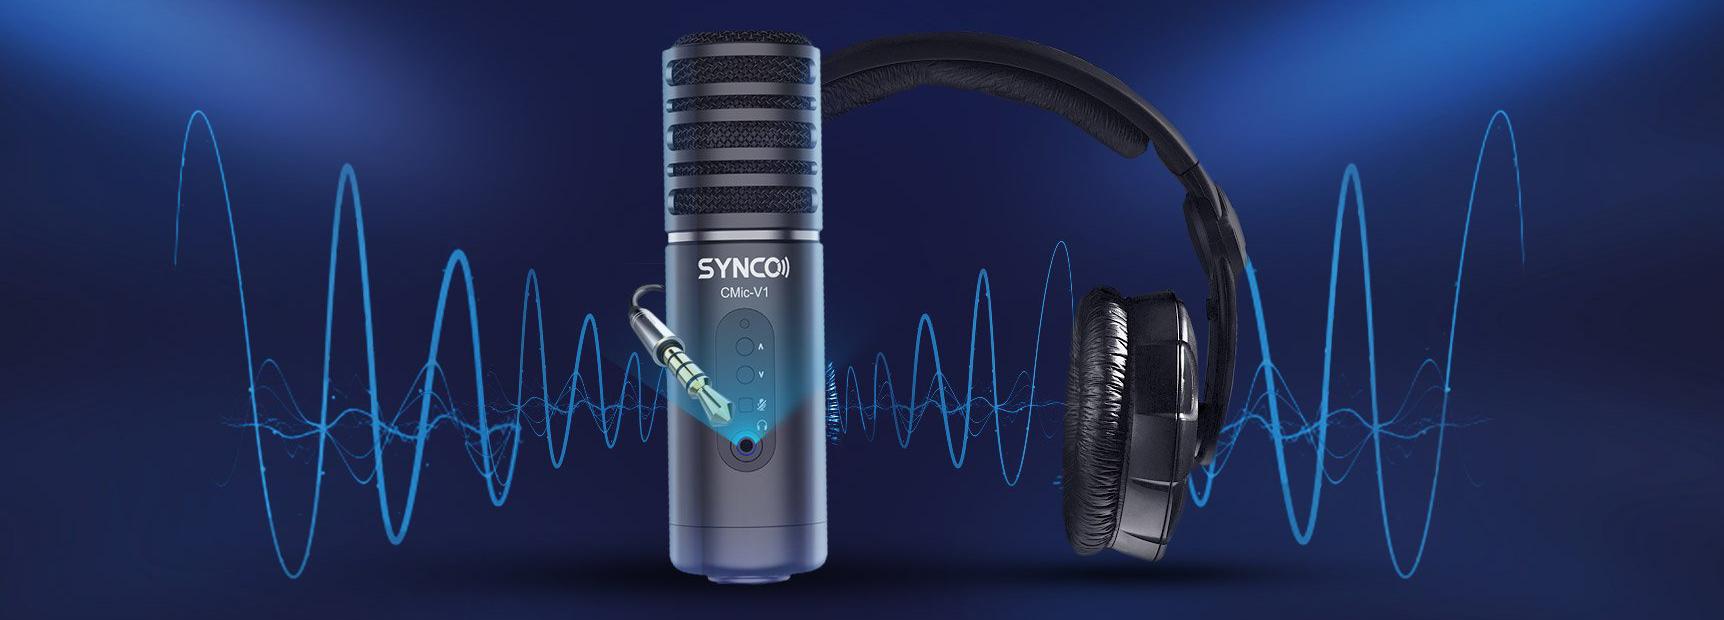 SYNCO Mic-V1